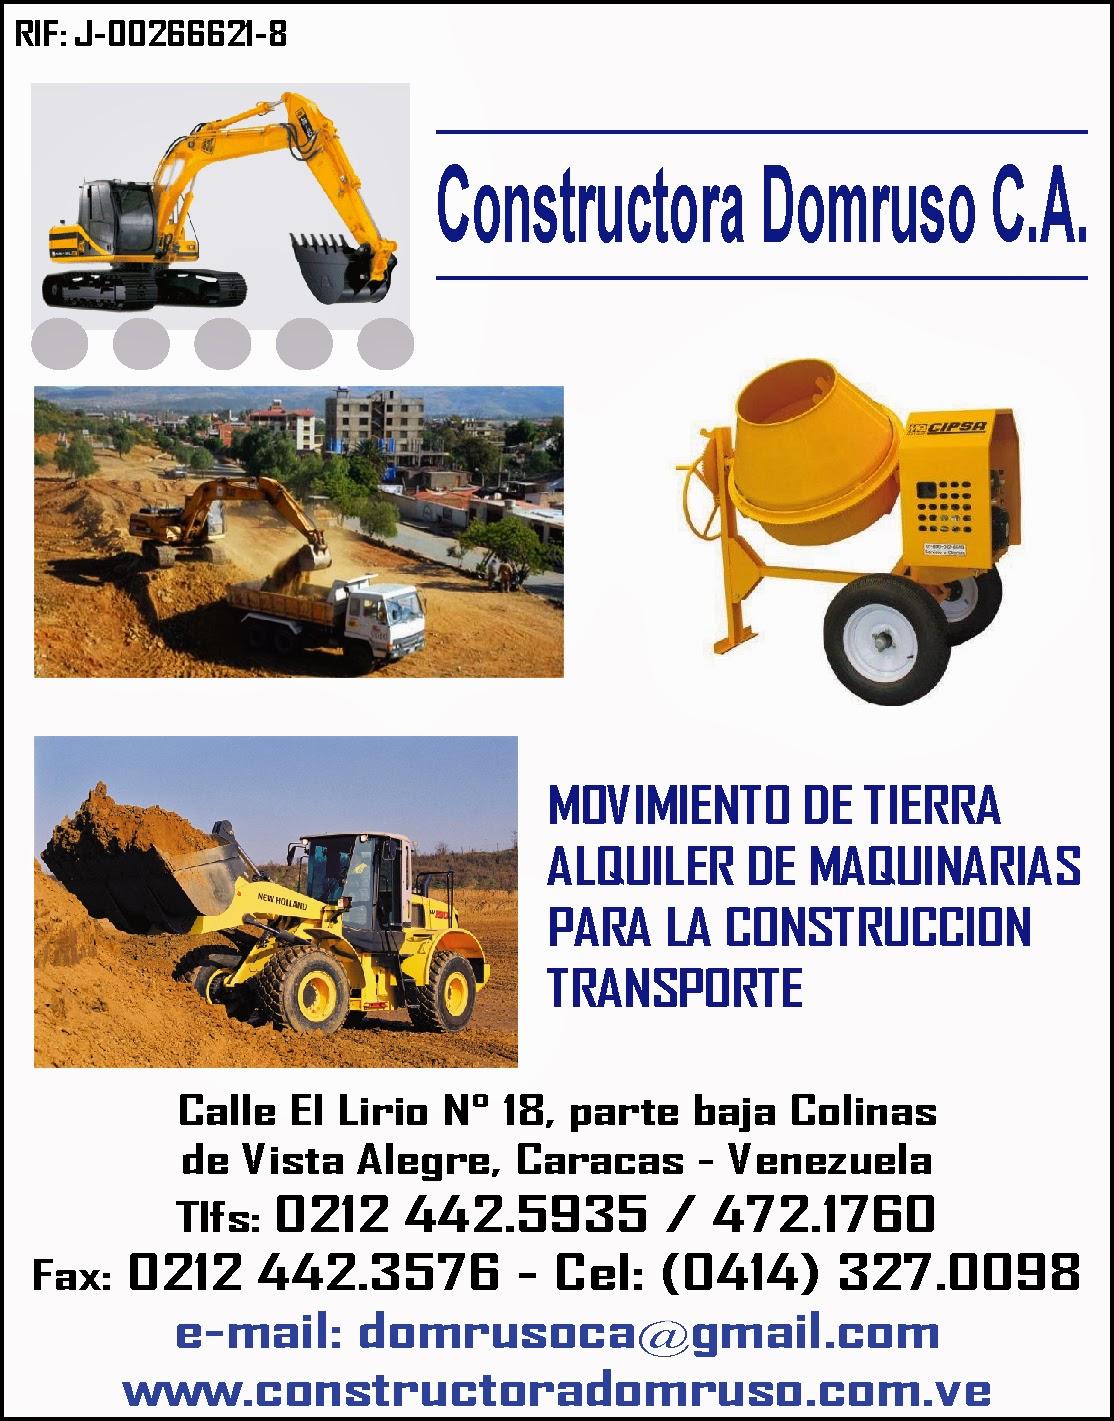 CONSTRUCTORA DOMRUSO C.A. en Paginas Amarillas tu guia Comercial